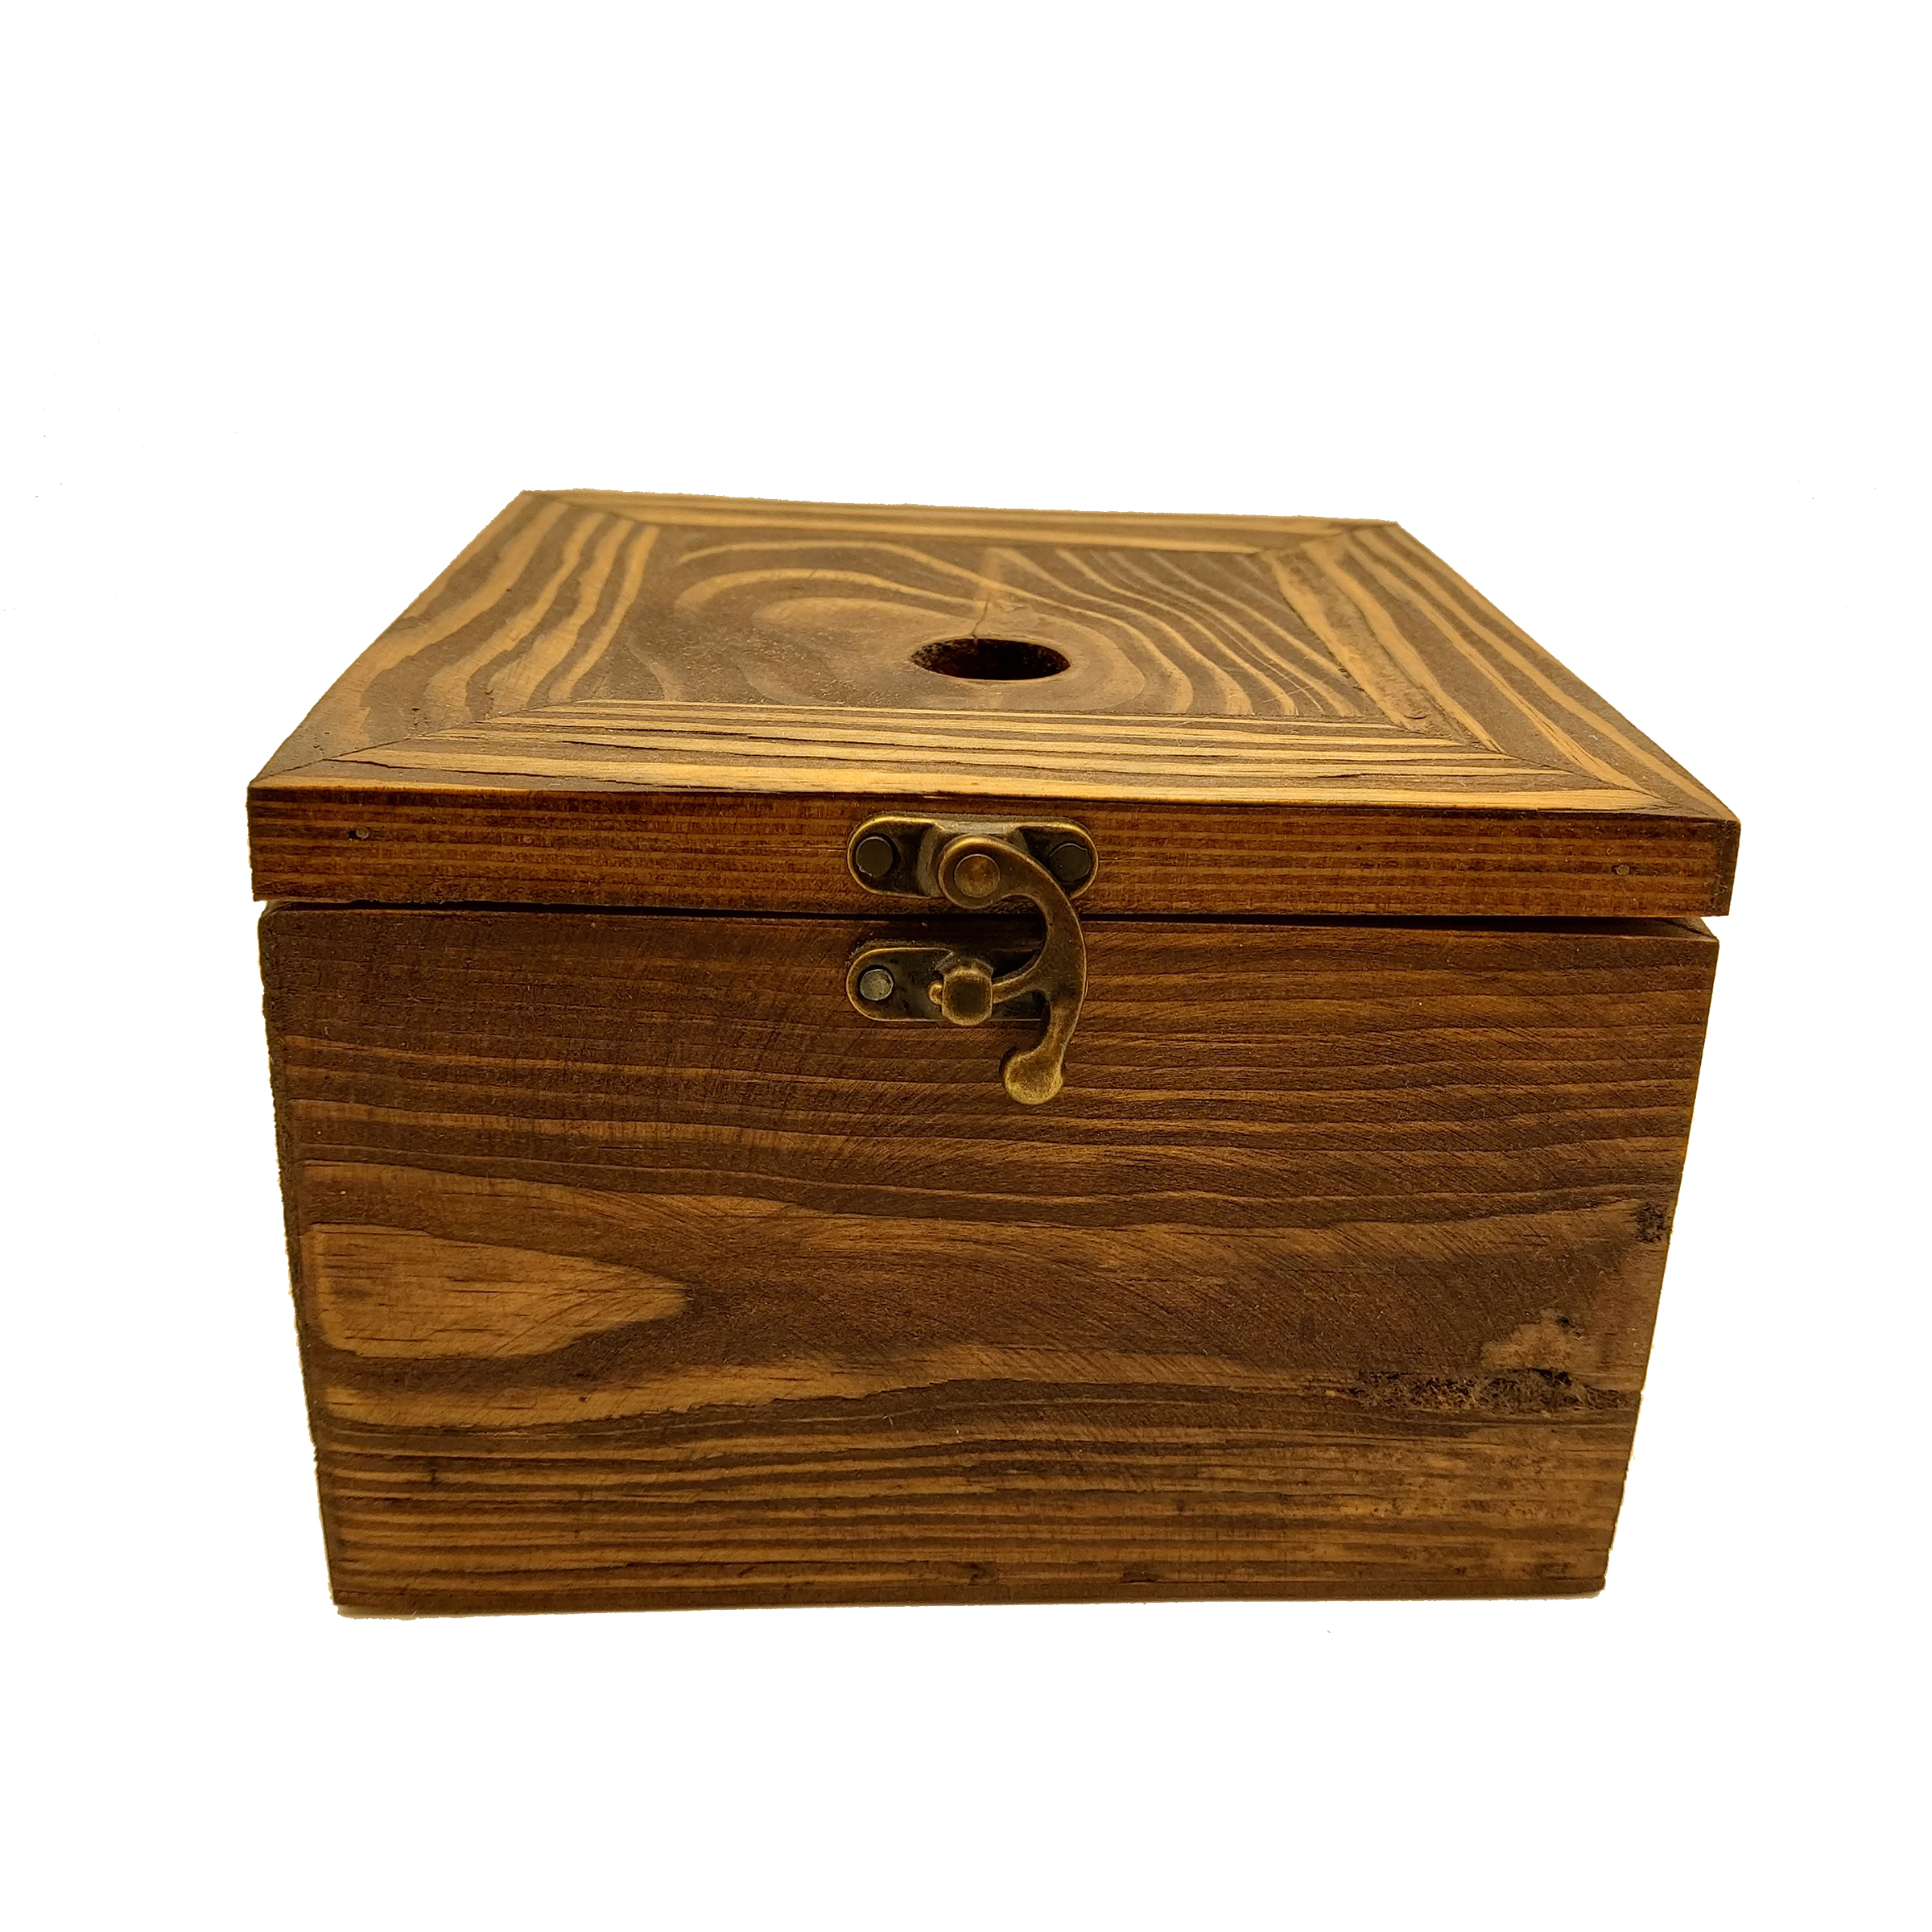 جعبه هدیه چوبی مدل چهارضلعی